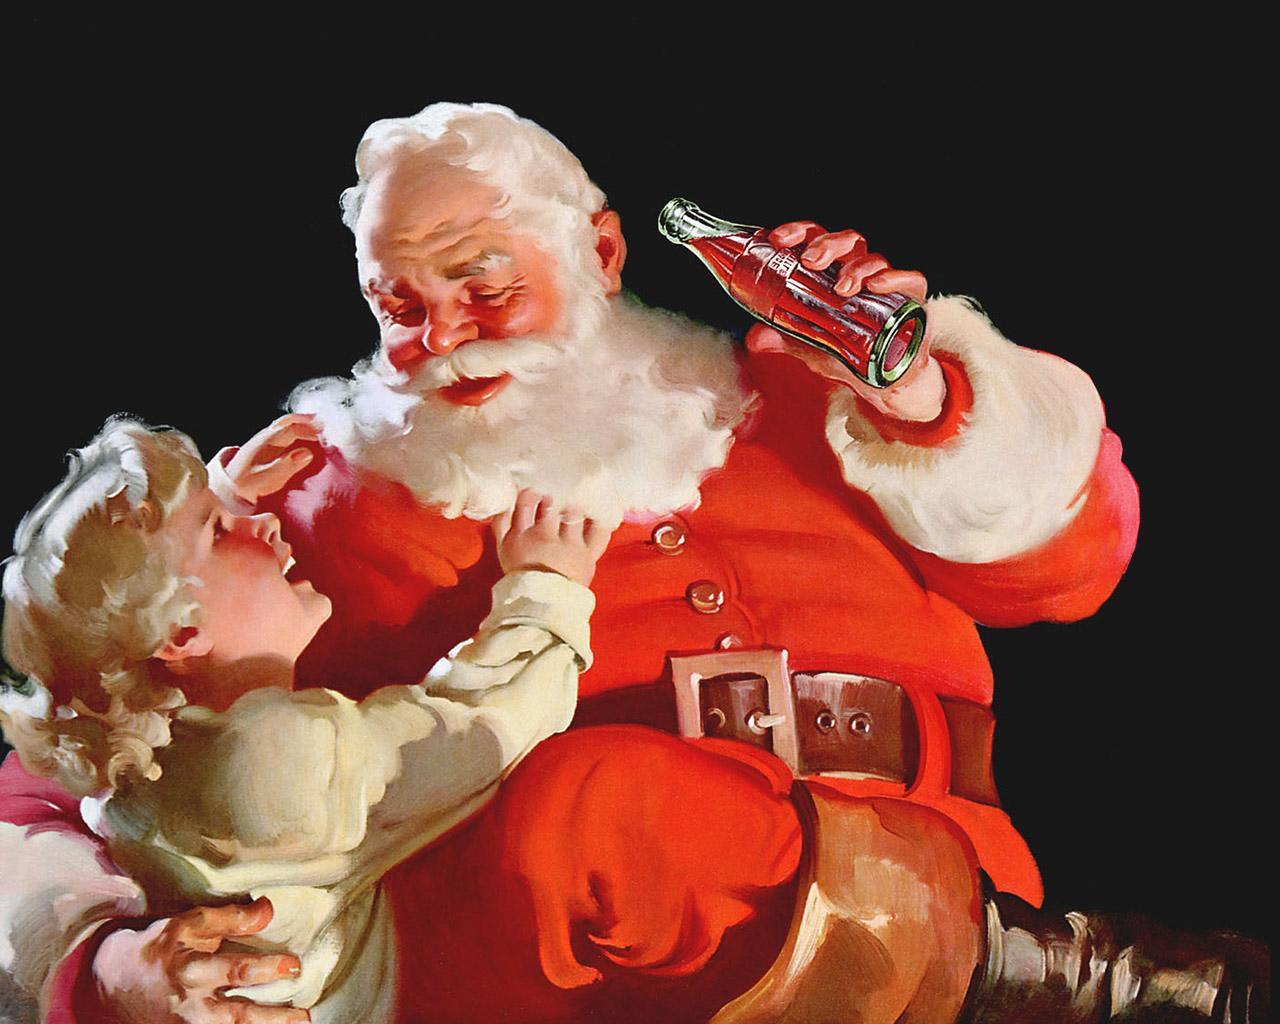 http://2.bp.blogspot.com/-sW_P8sm6gYA/Tq_TRxkS2zI/AAAAAAAAP4I/s6I_s12M24Q/s1600/Mooie-kerstman-achtergronden-leuke-kerstman-wallpapers-afbeelding-plaatje-foto-29.jpg